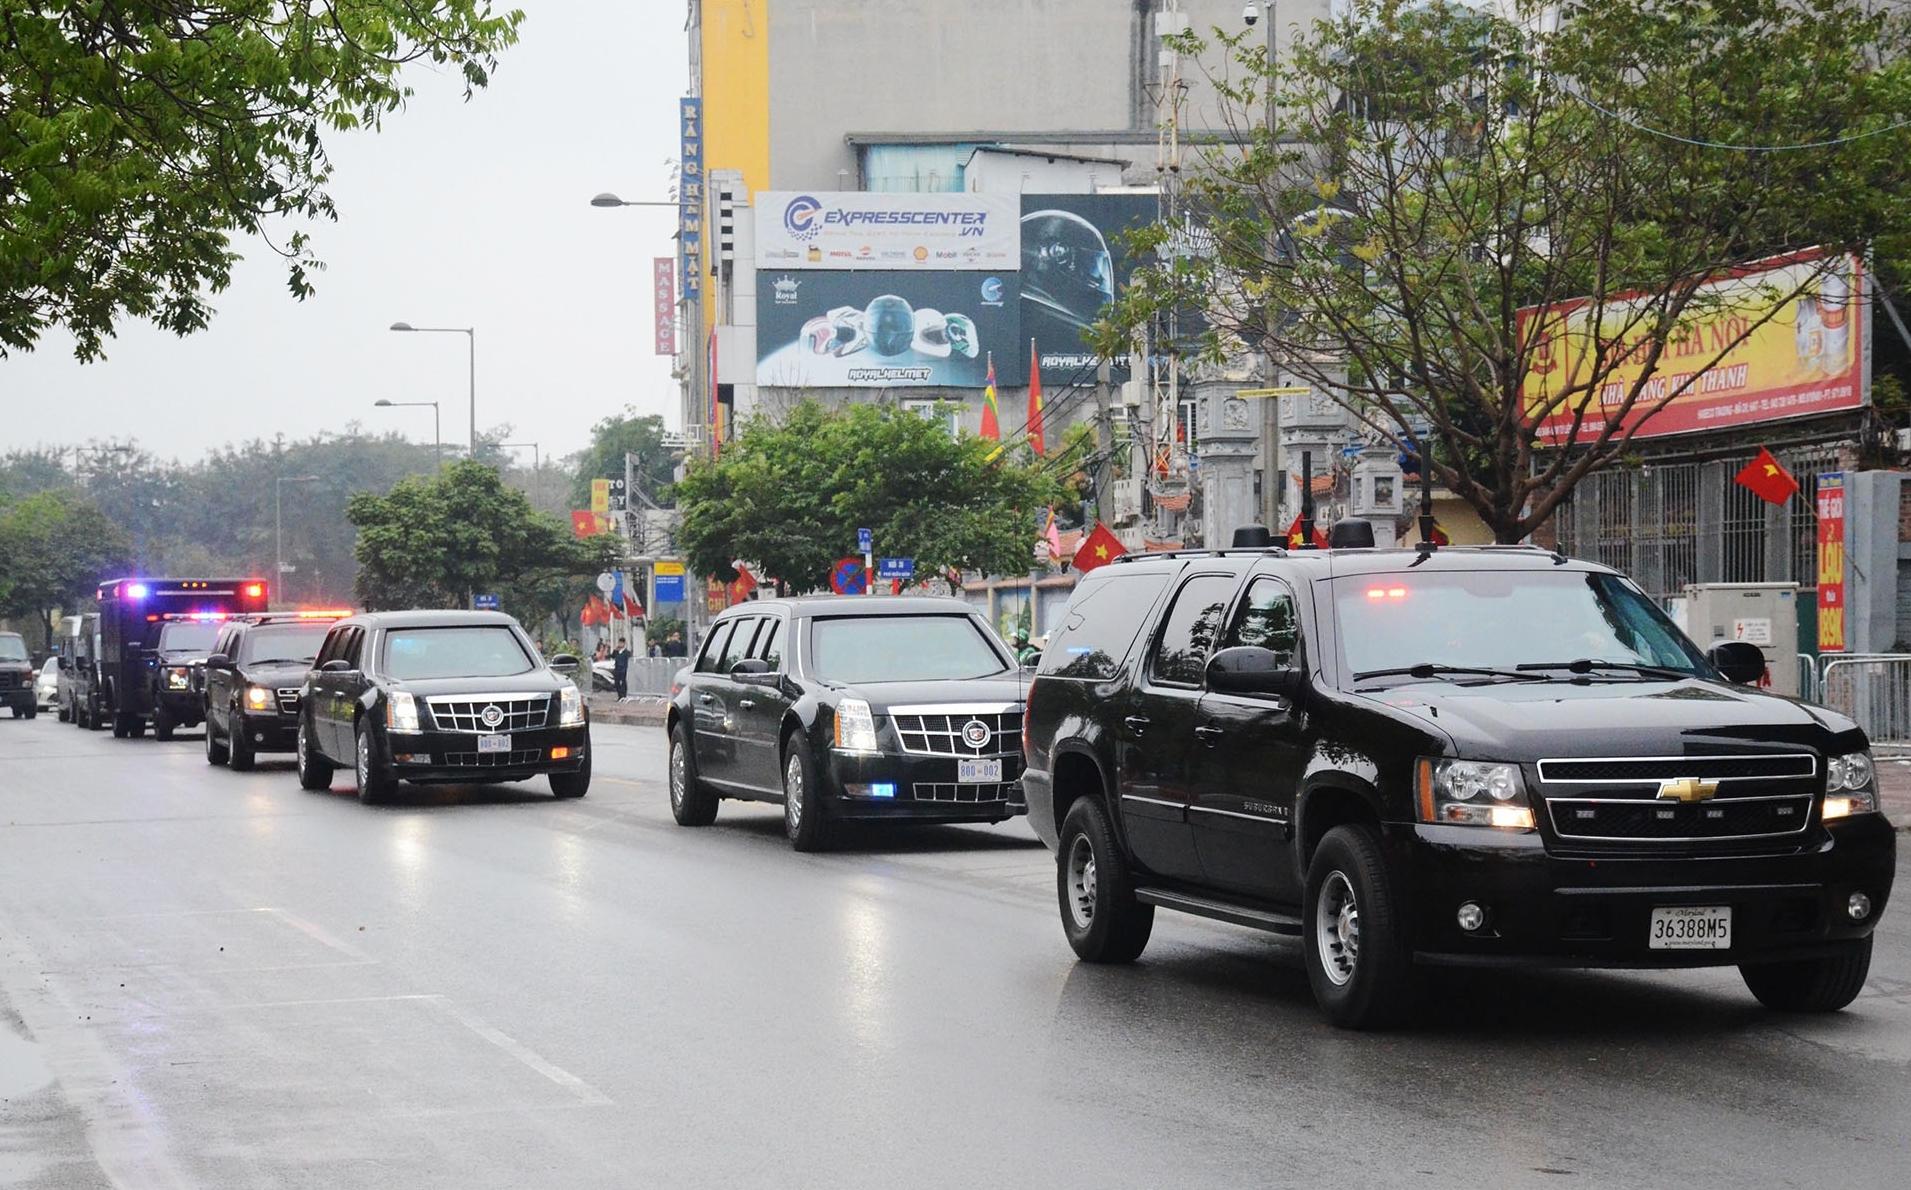 Hàng trăm mật vũ Mỹ tới Hà Nội chuẩn bị bảo vệ cho Tổng thống Donald Trump 5